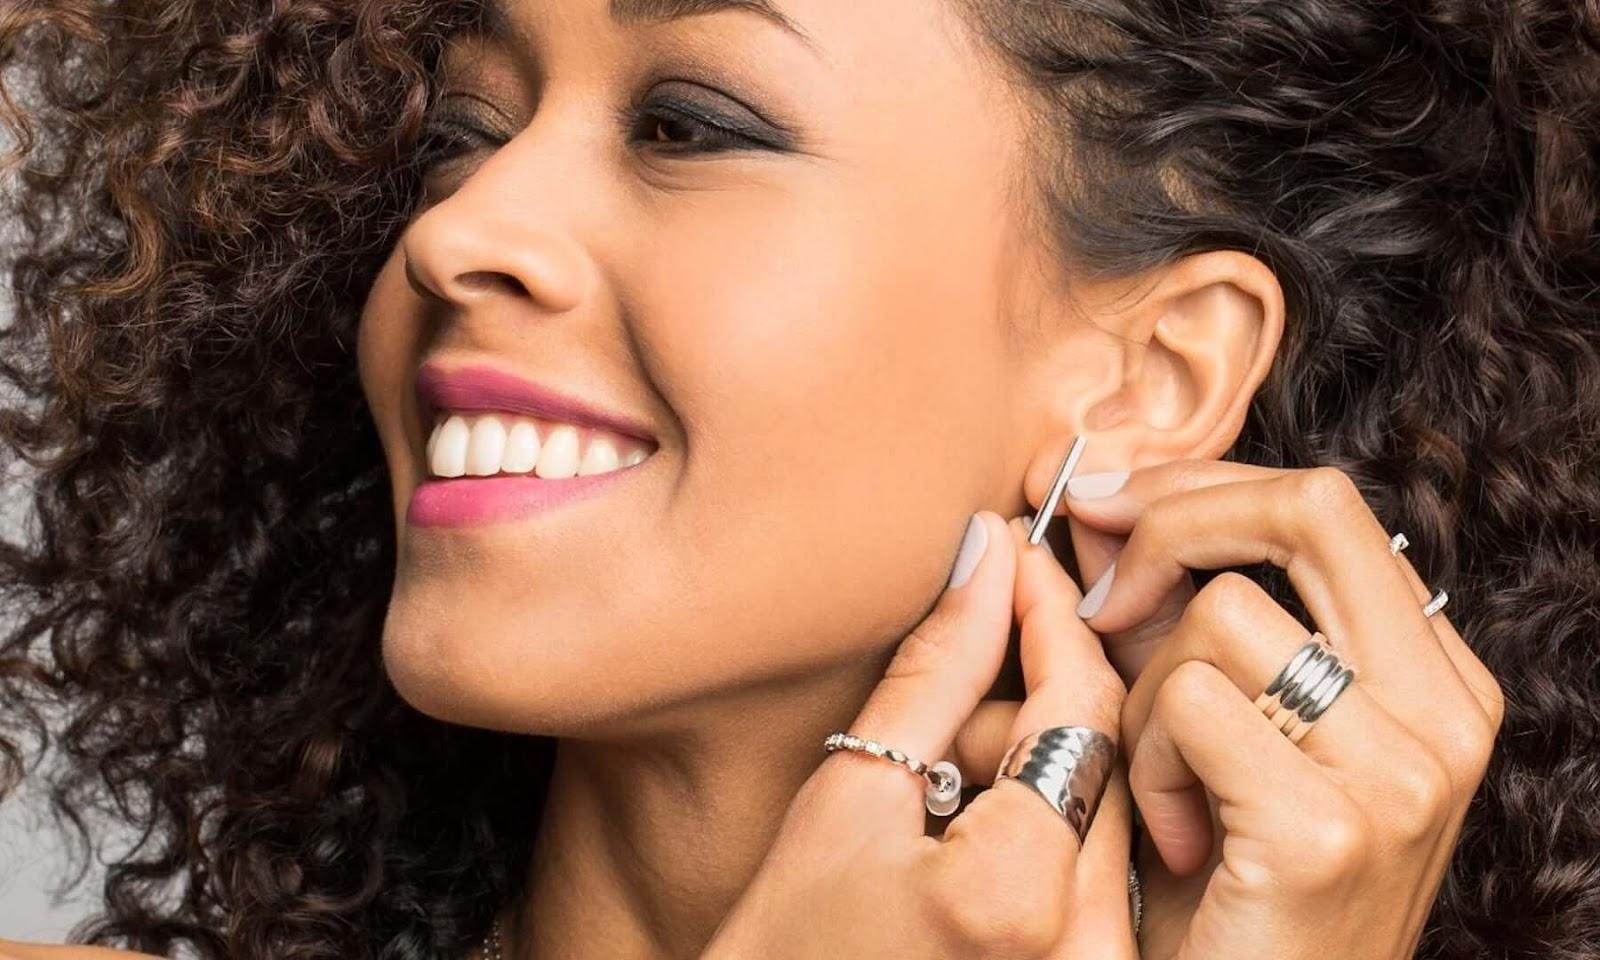 woman touching her earring